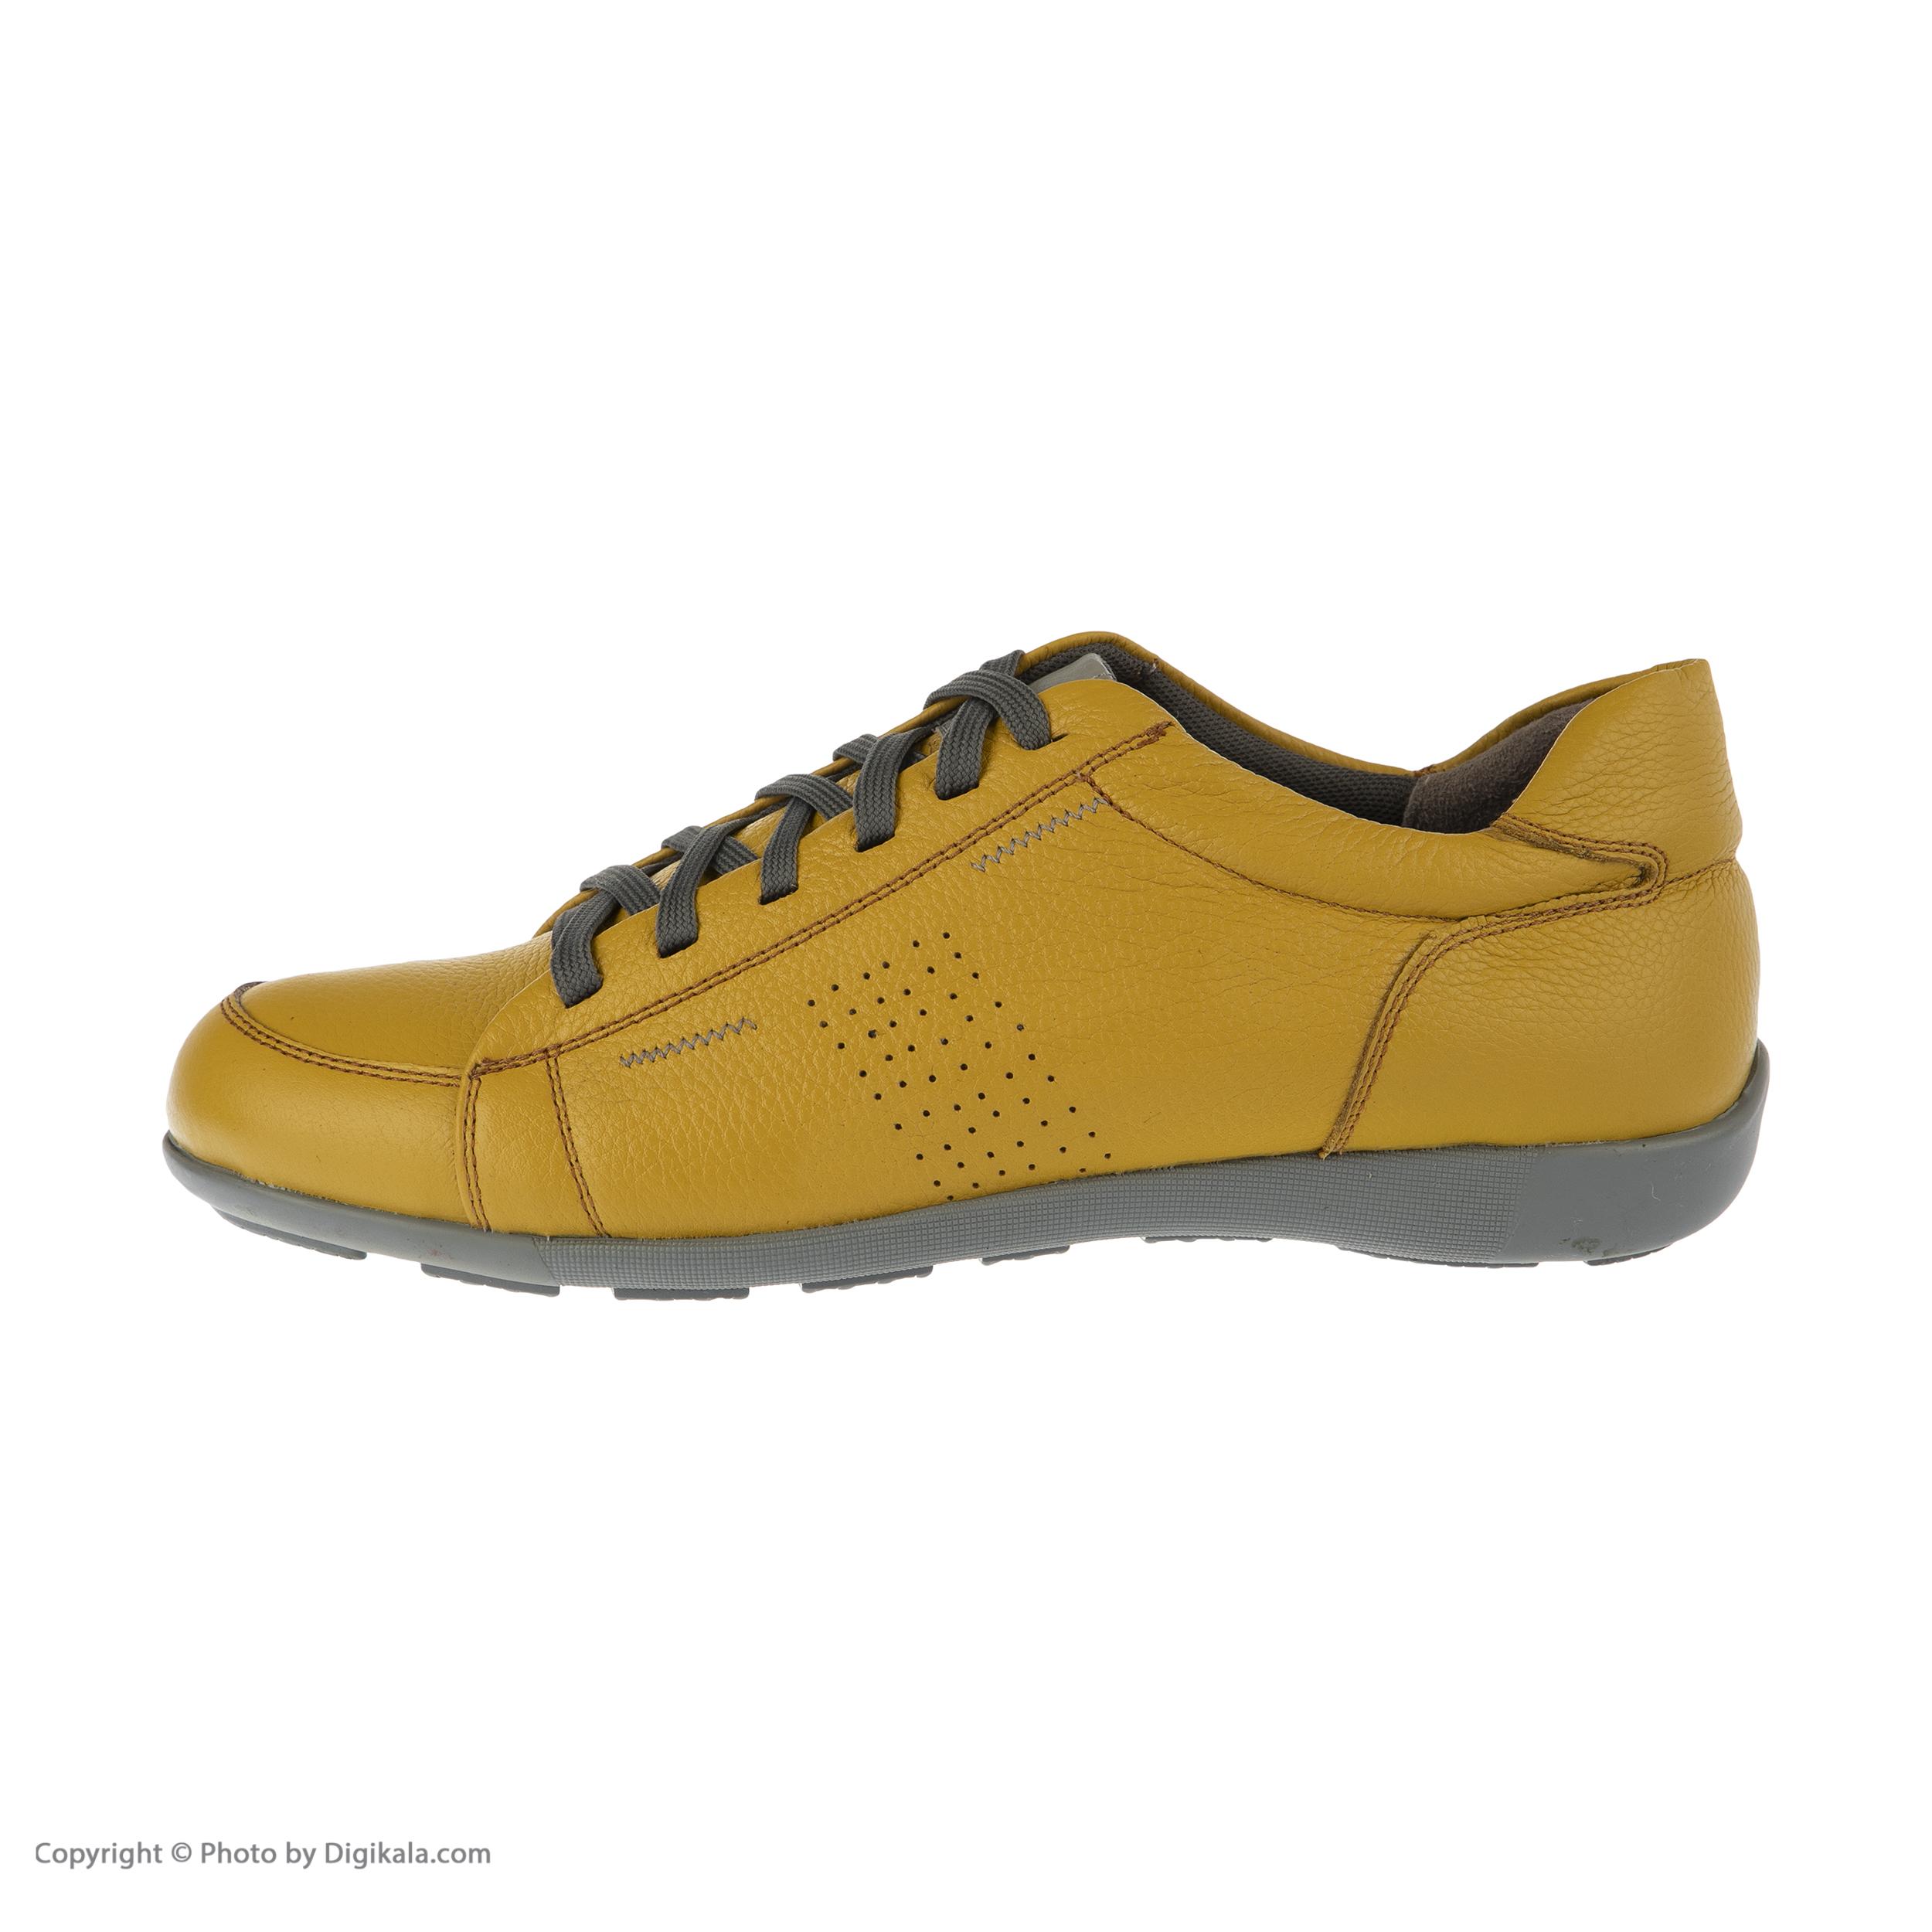 کفش روزمره زنانه شهر چرم مدل so42319 -  - 3